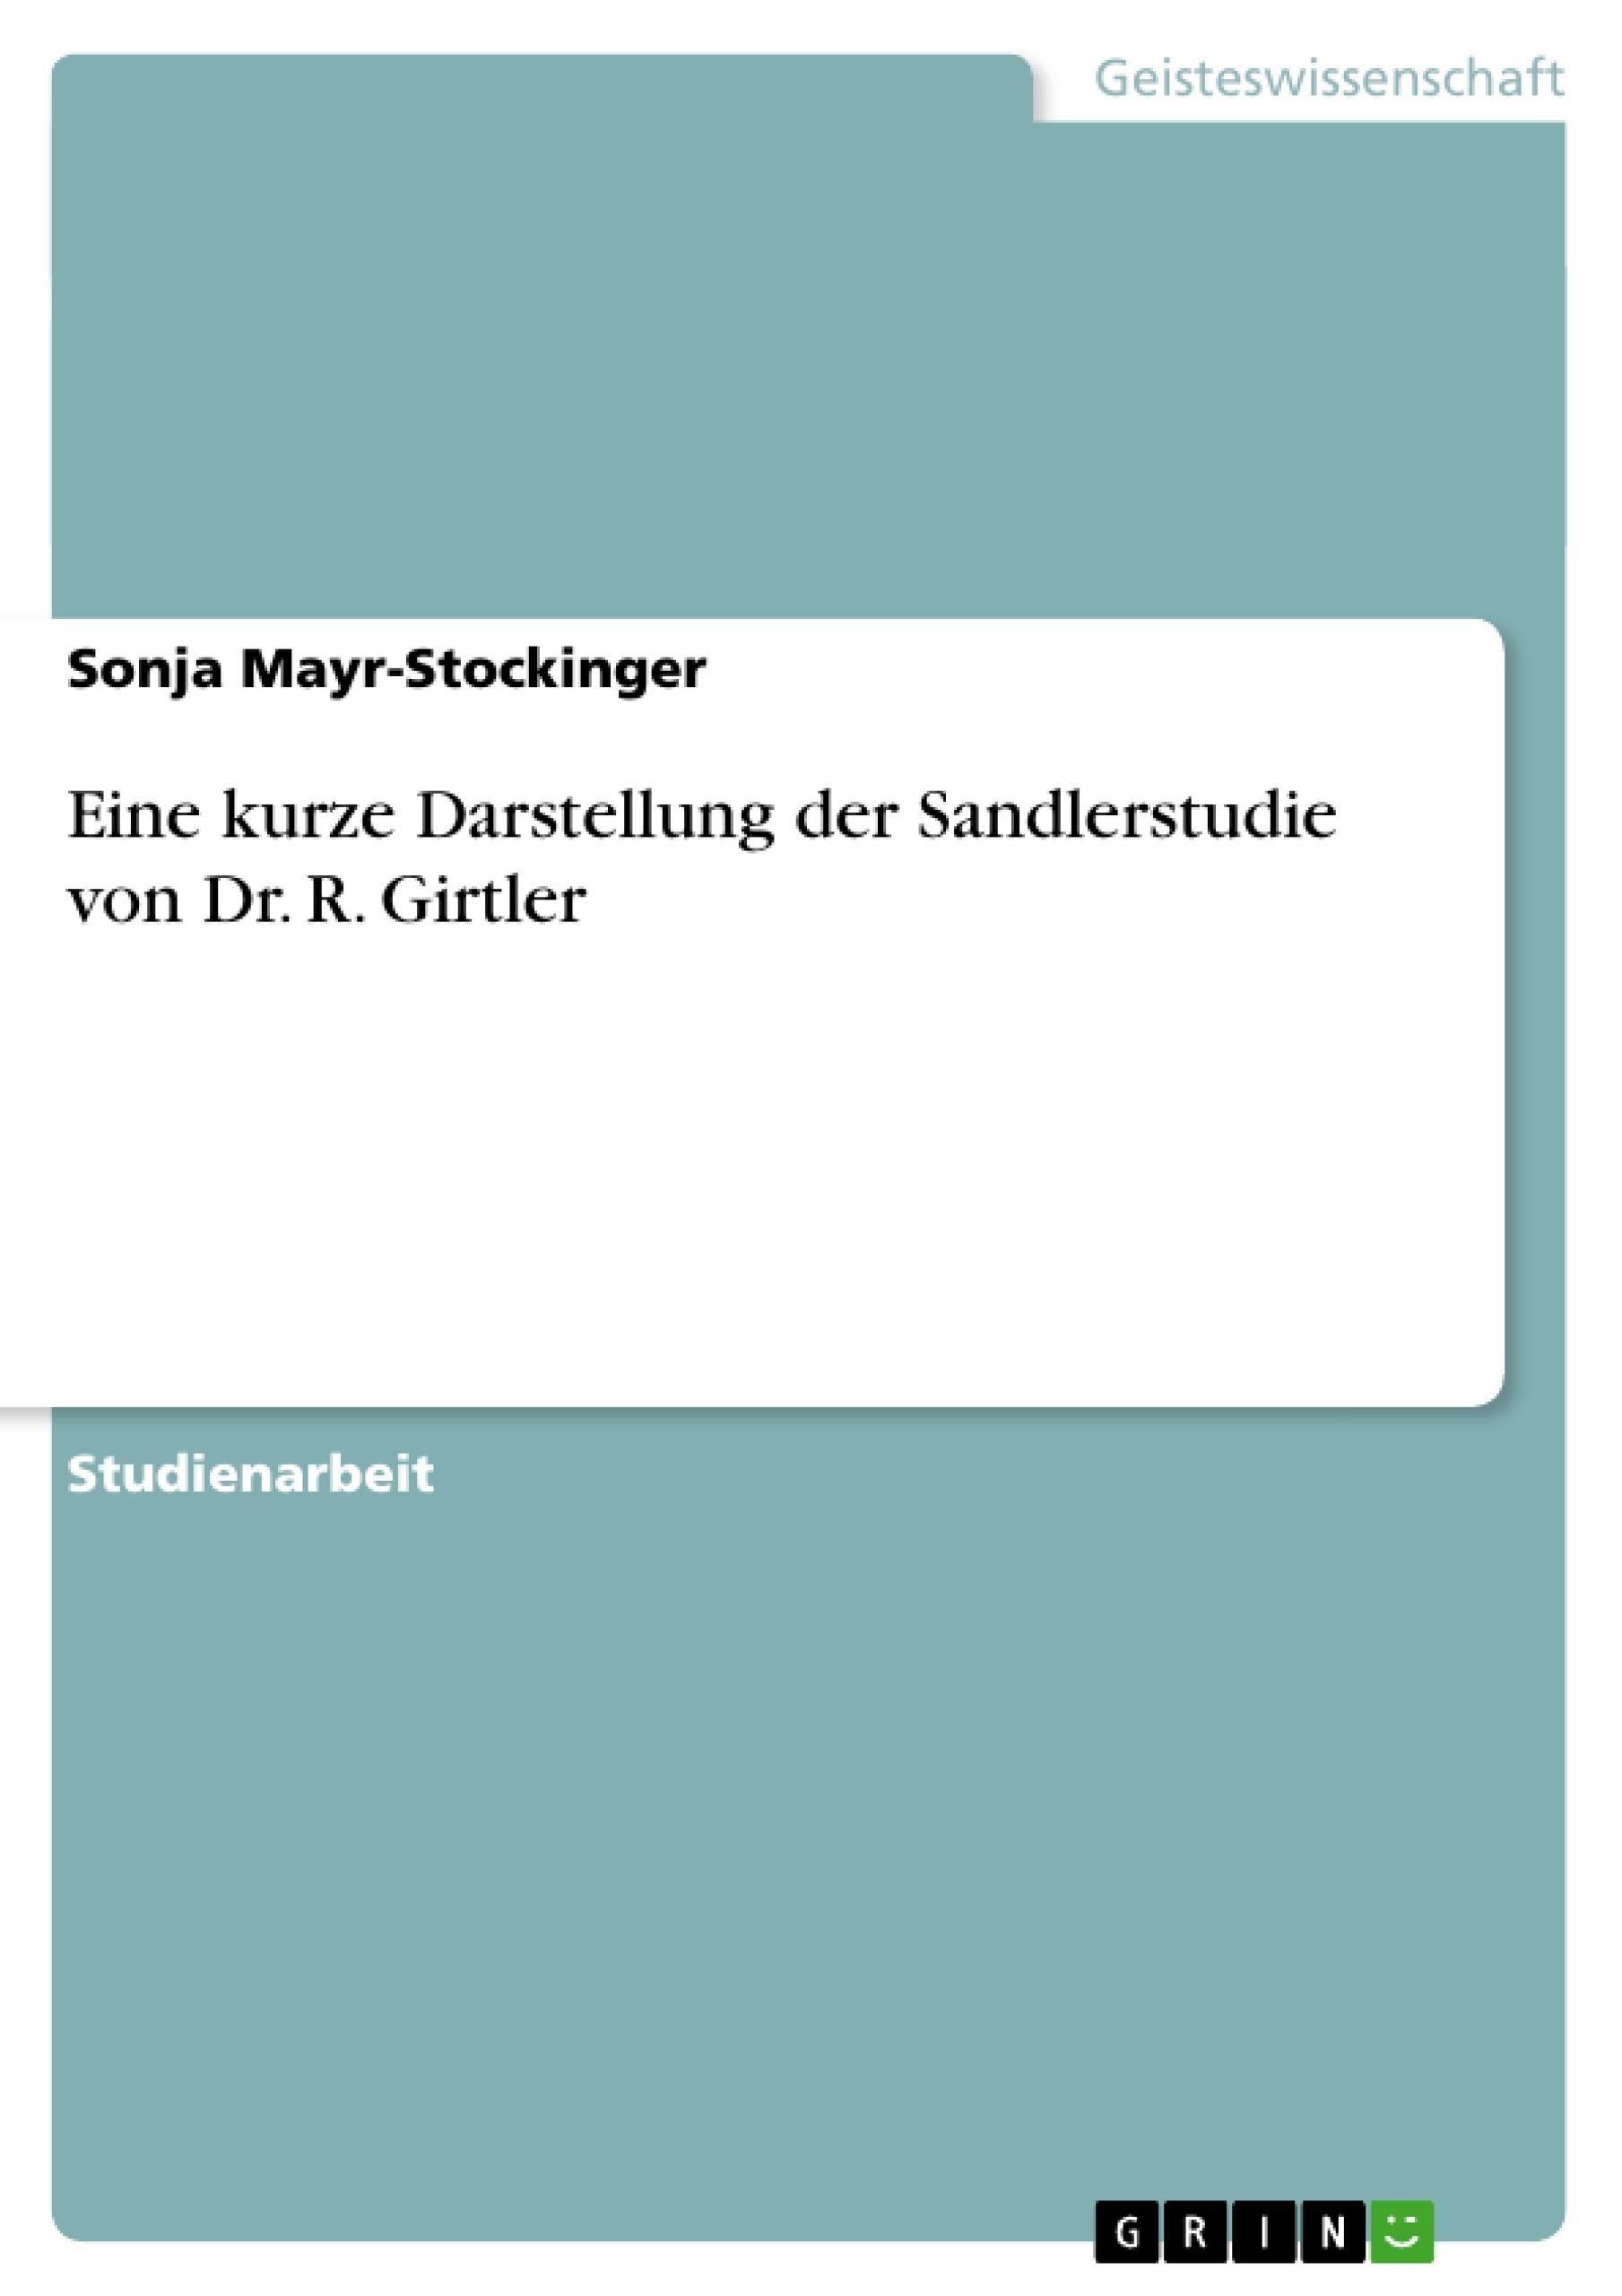 Titel: Eine kurze Darstellung der Sandlerstudie von Dr. R. Girtler